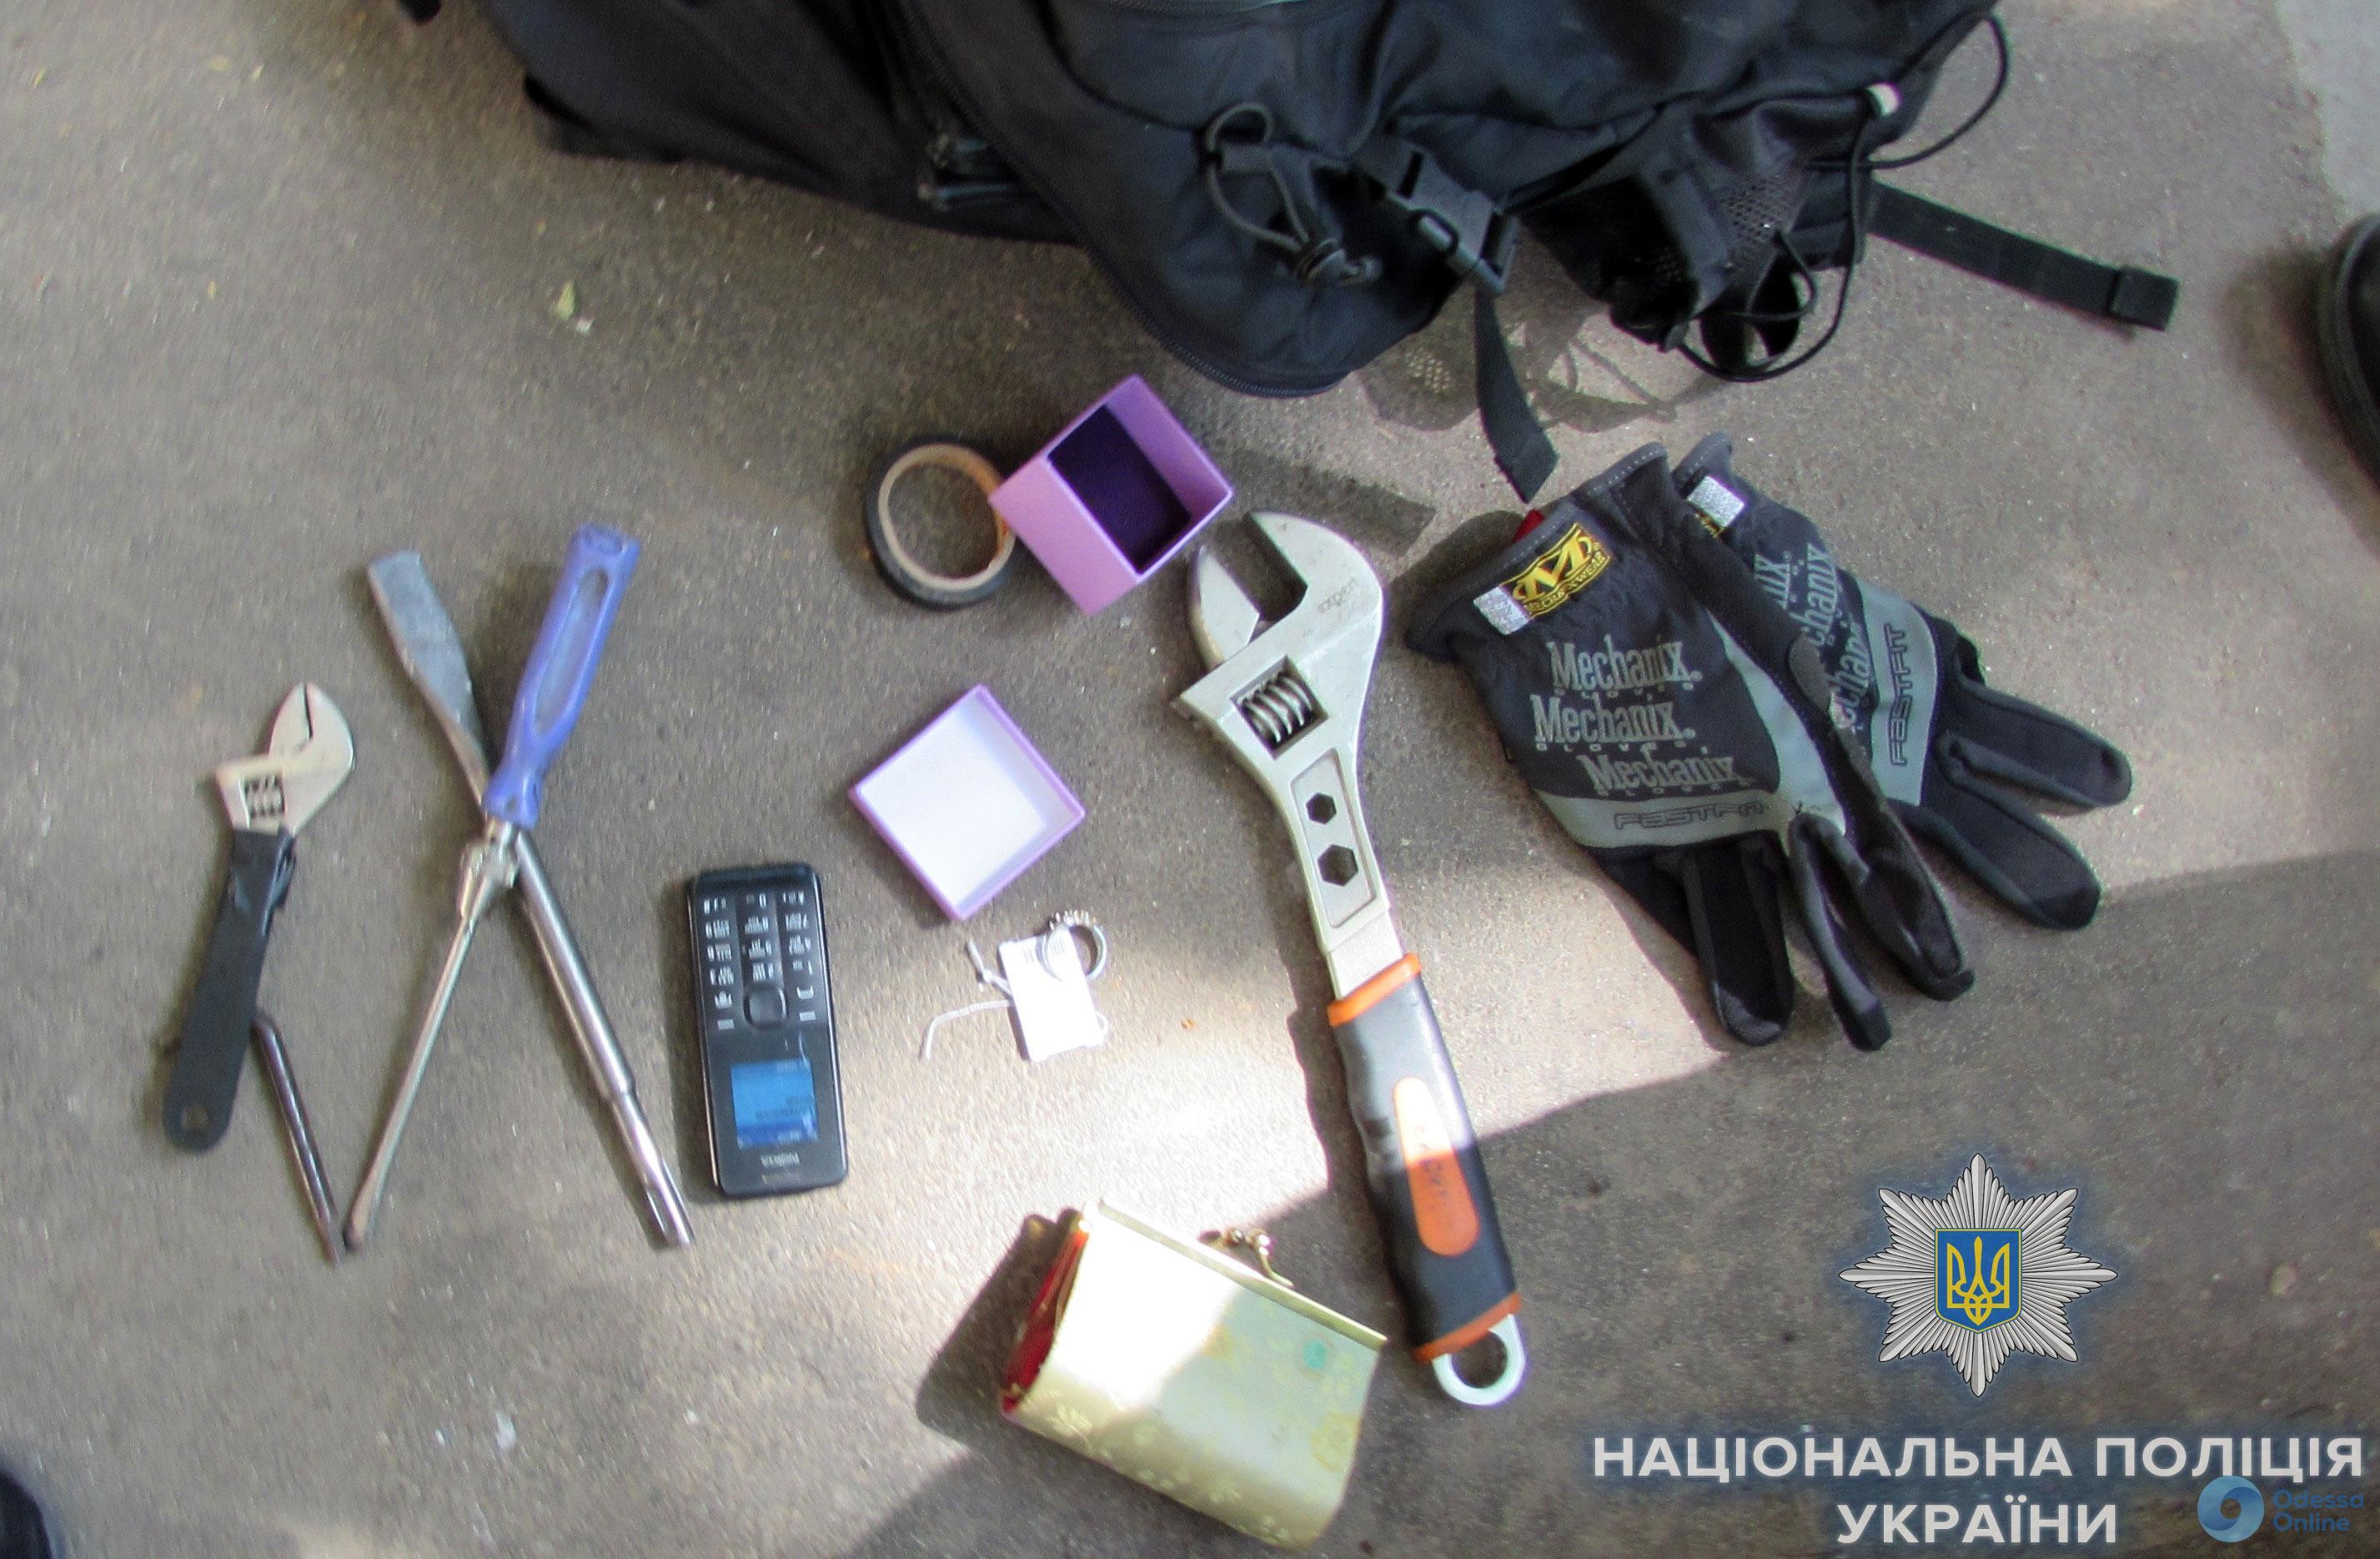 В Одессе бдительные соседи задержали квартирных воров